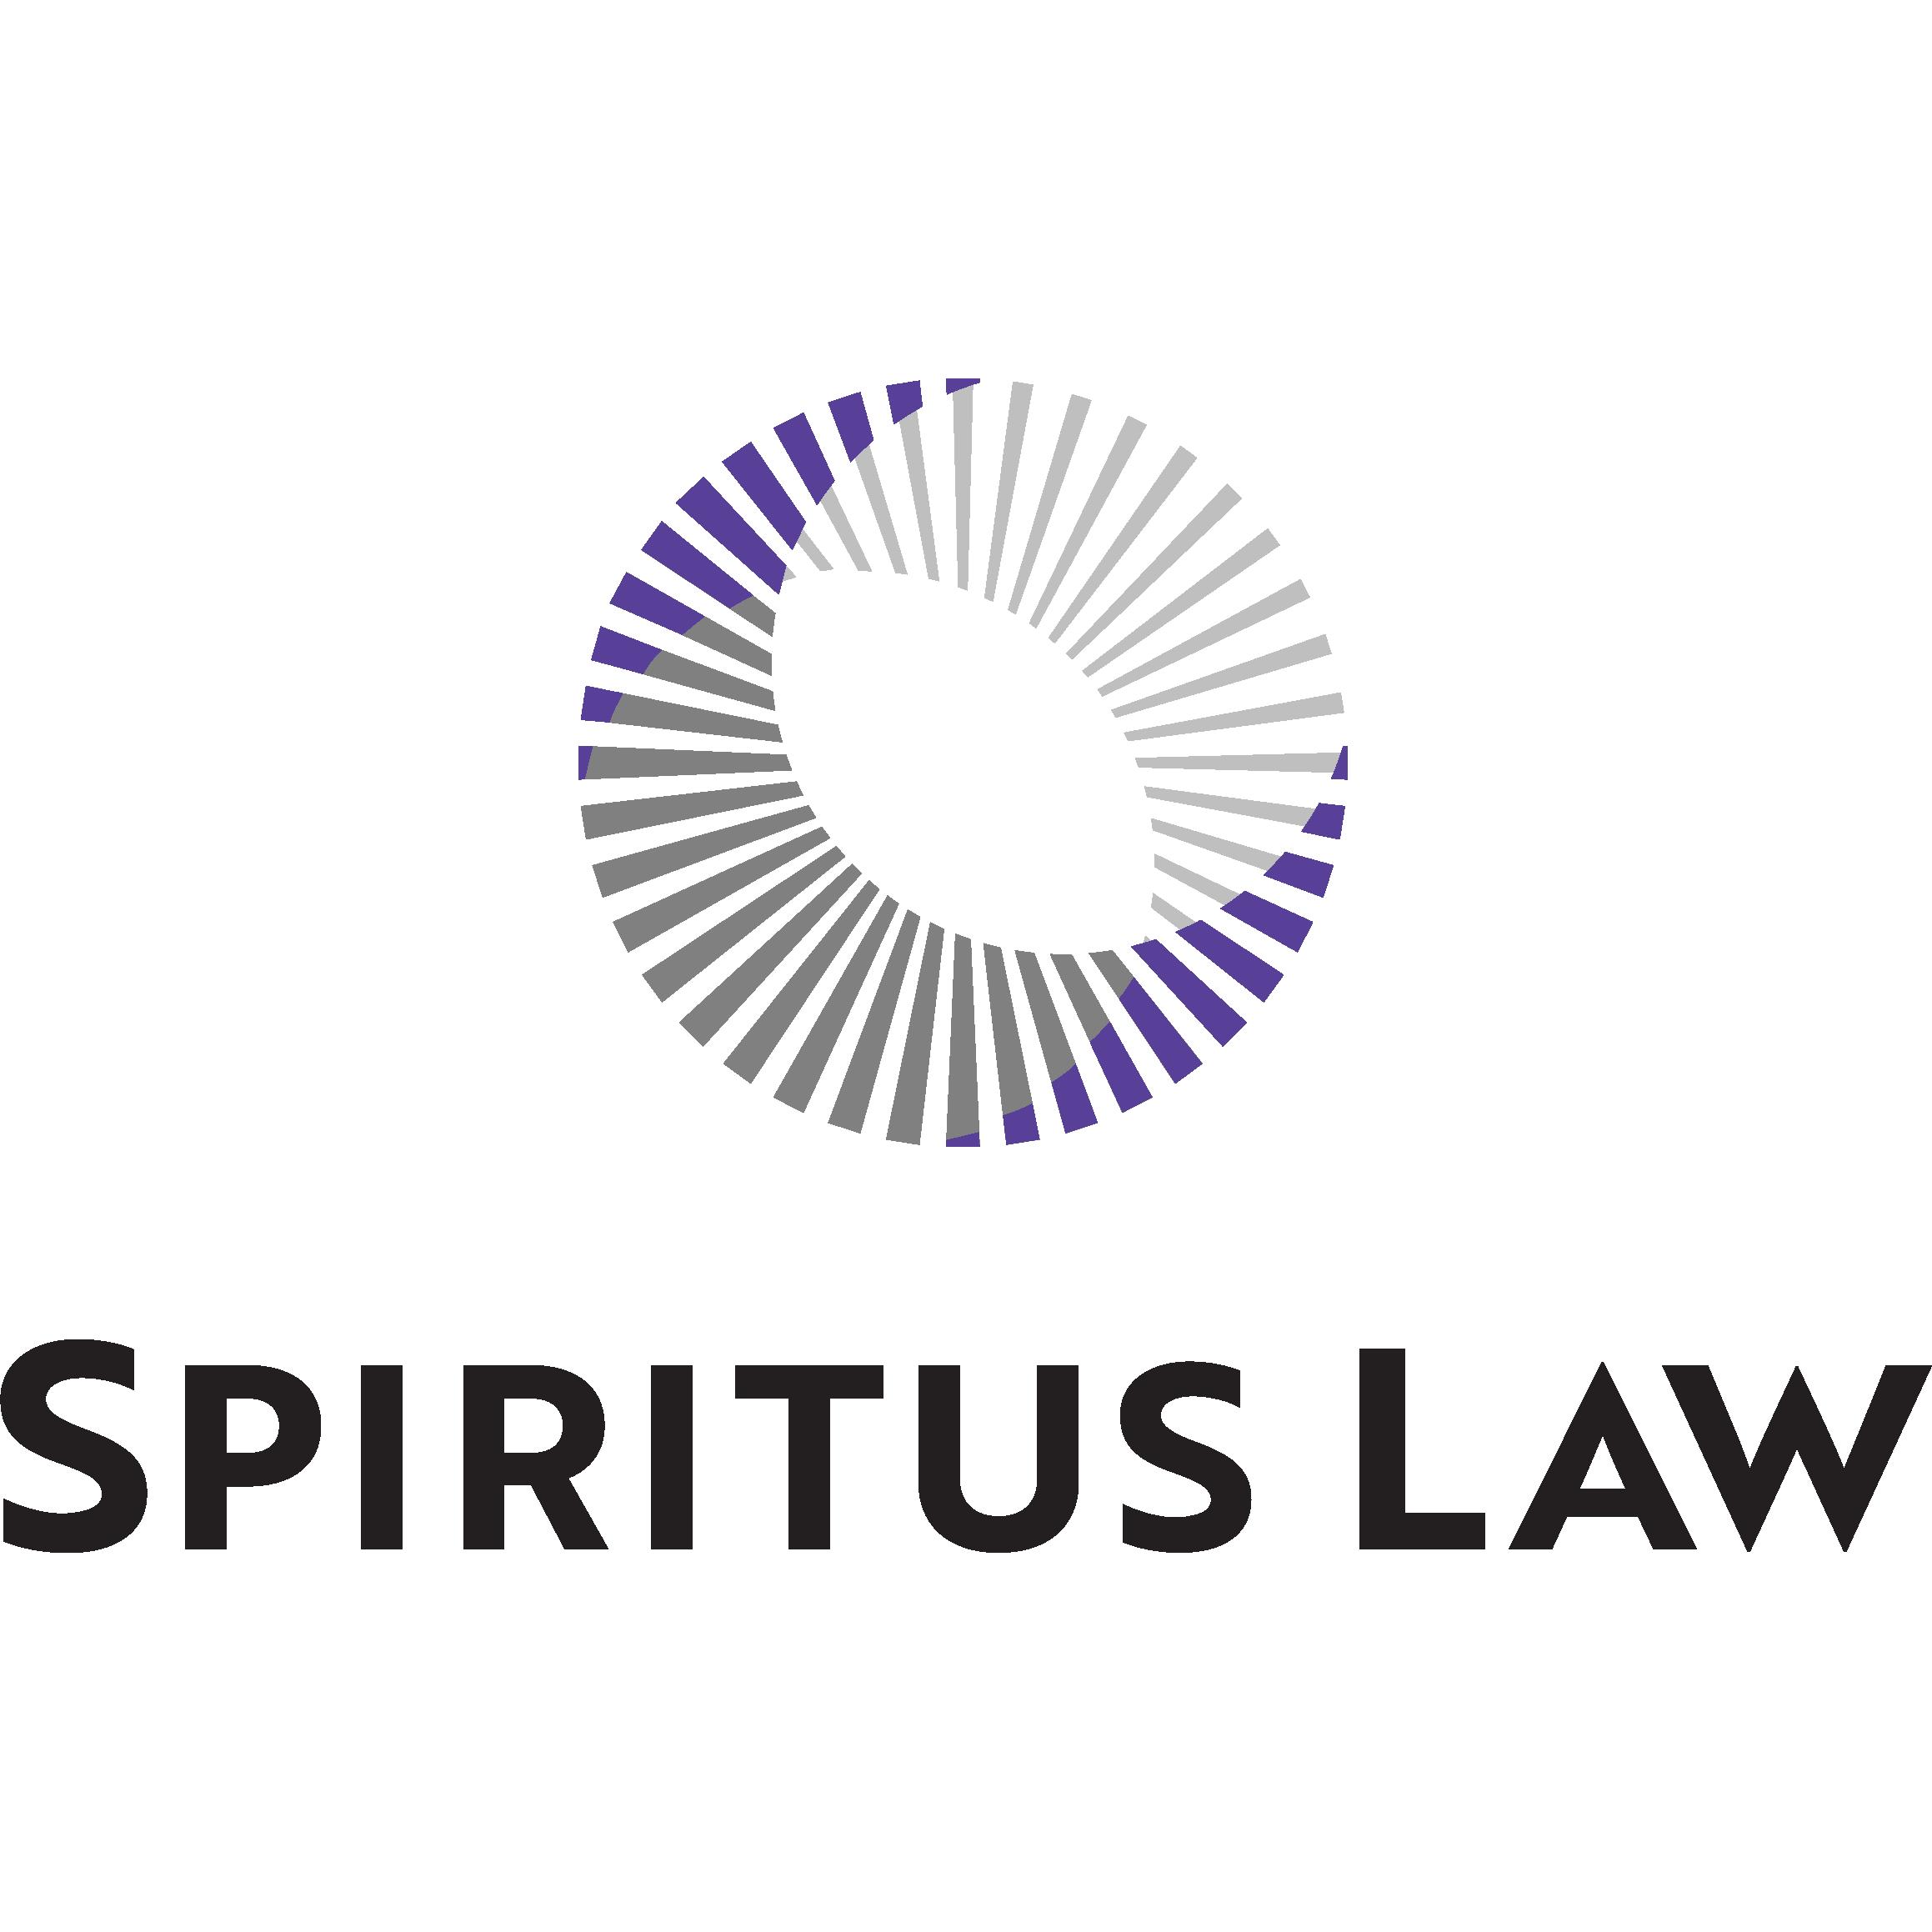 Spiritus Law